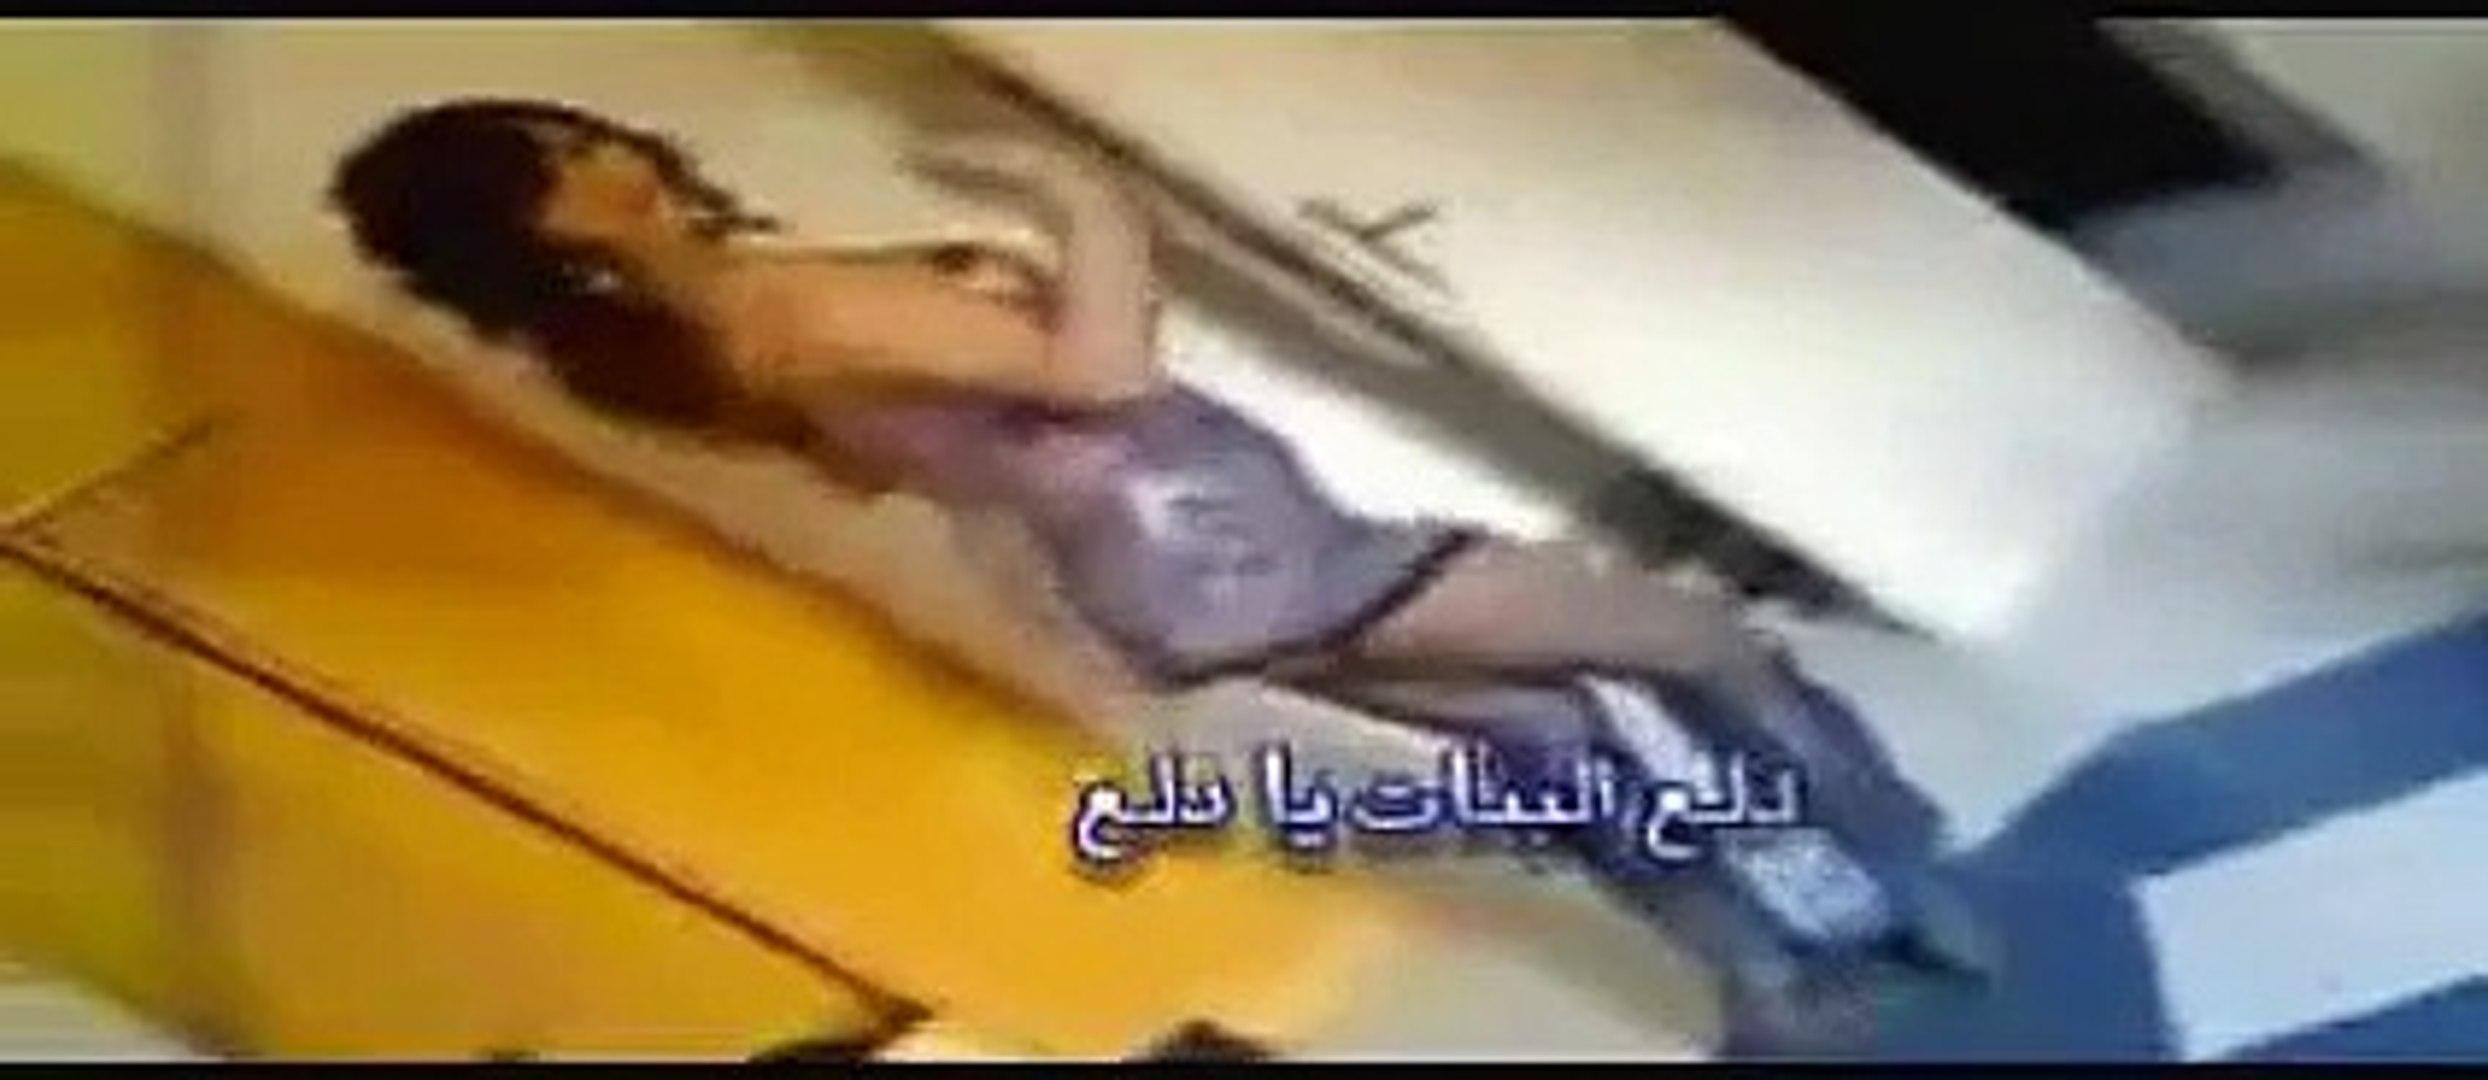 رقص بنات منزلي بنت لبنانية رقص فاحشش ومثيير